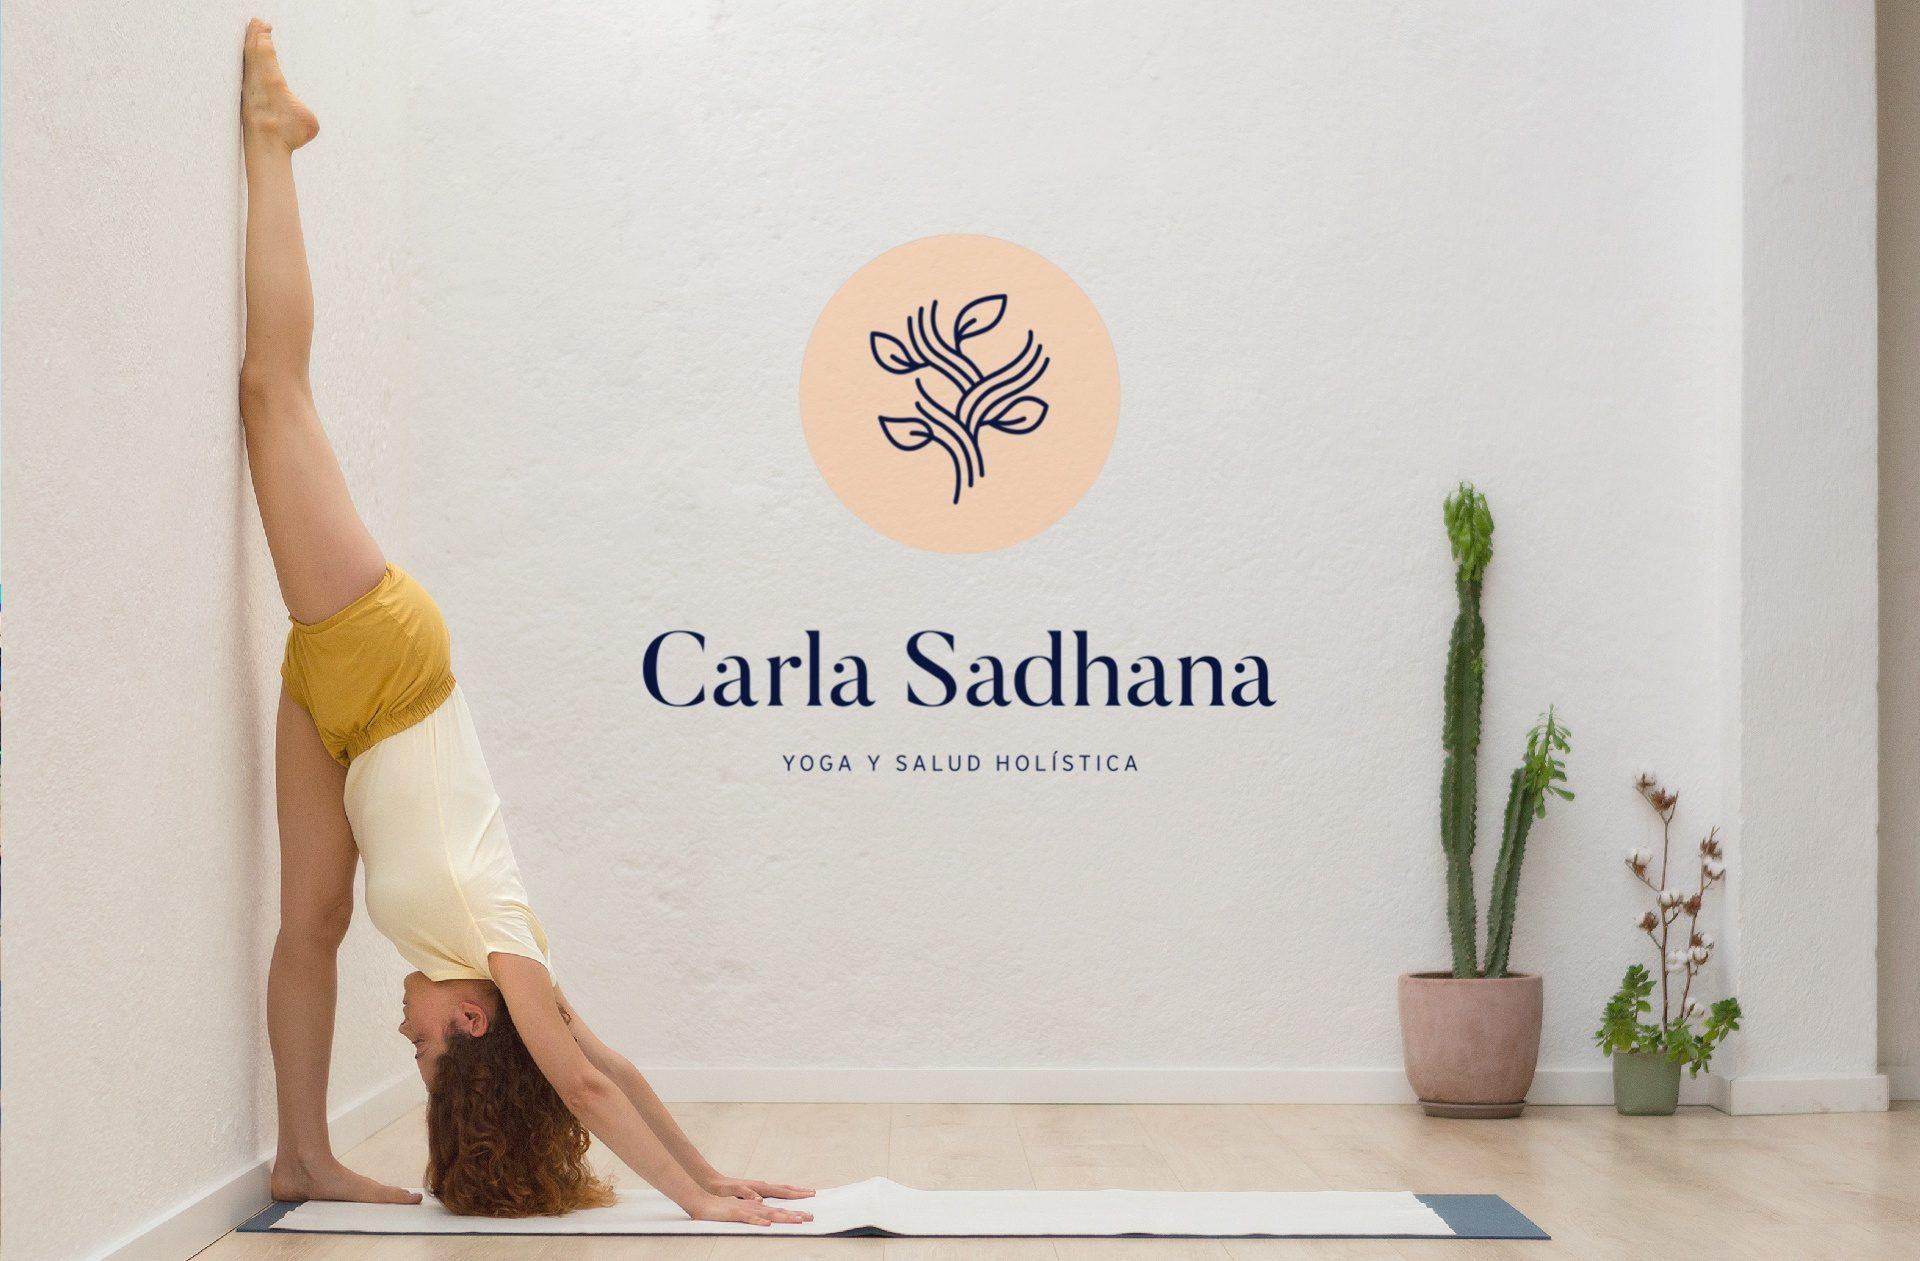 carla-sadhana